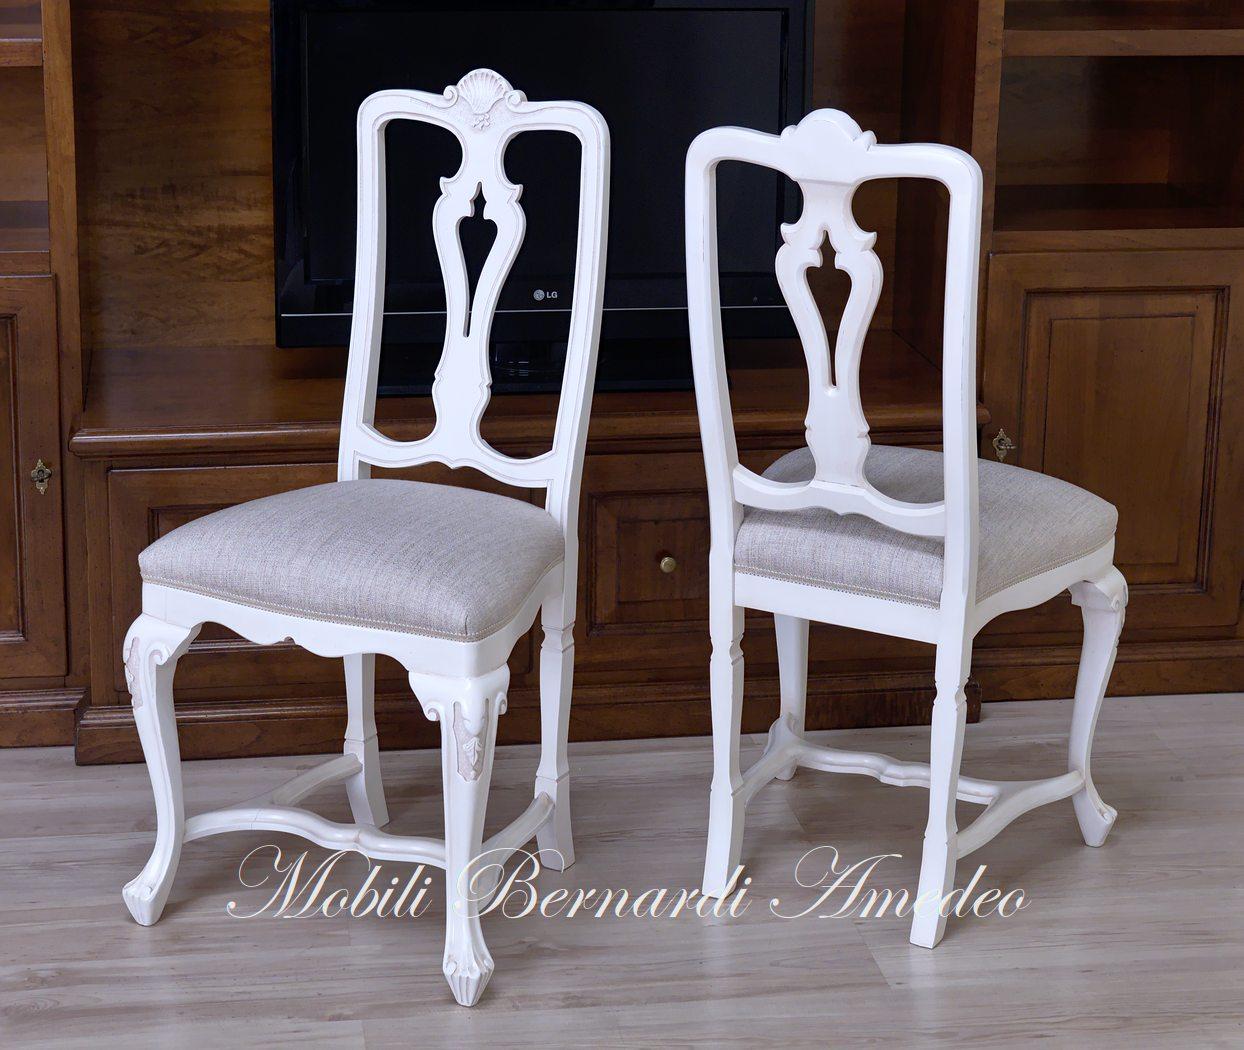 Sedie In Legno Laccate Bianco.Sedie E Poltroncine Vii Sedie Poltroncine Divanetti